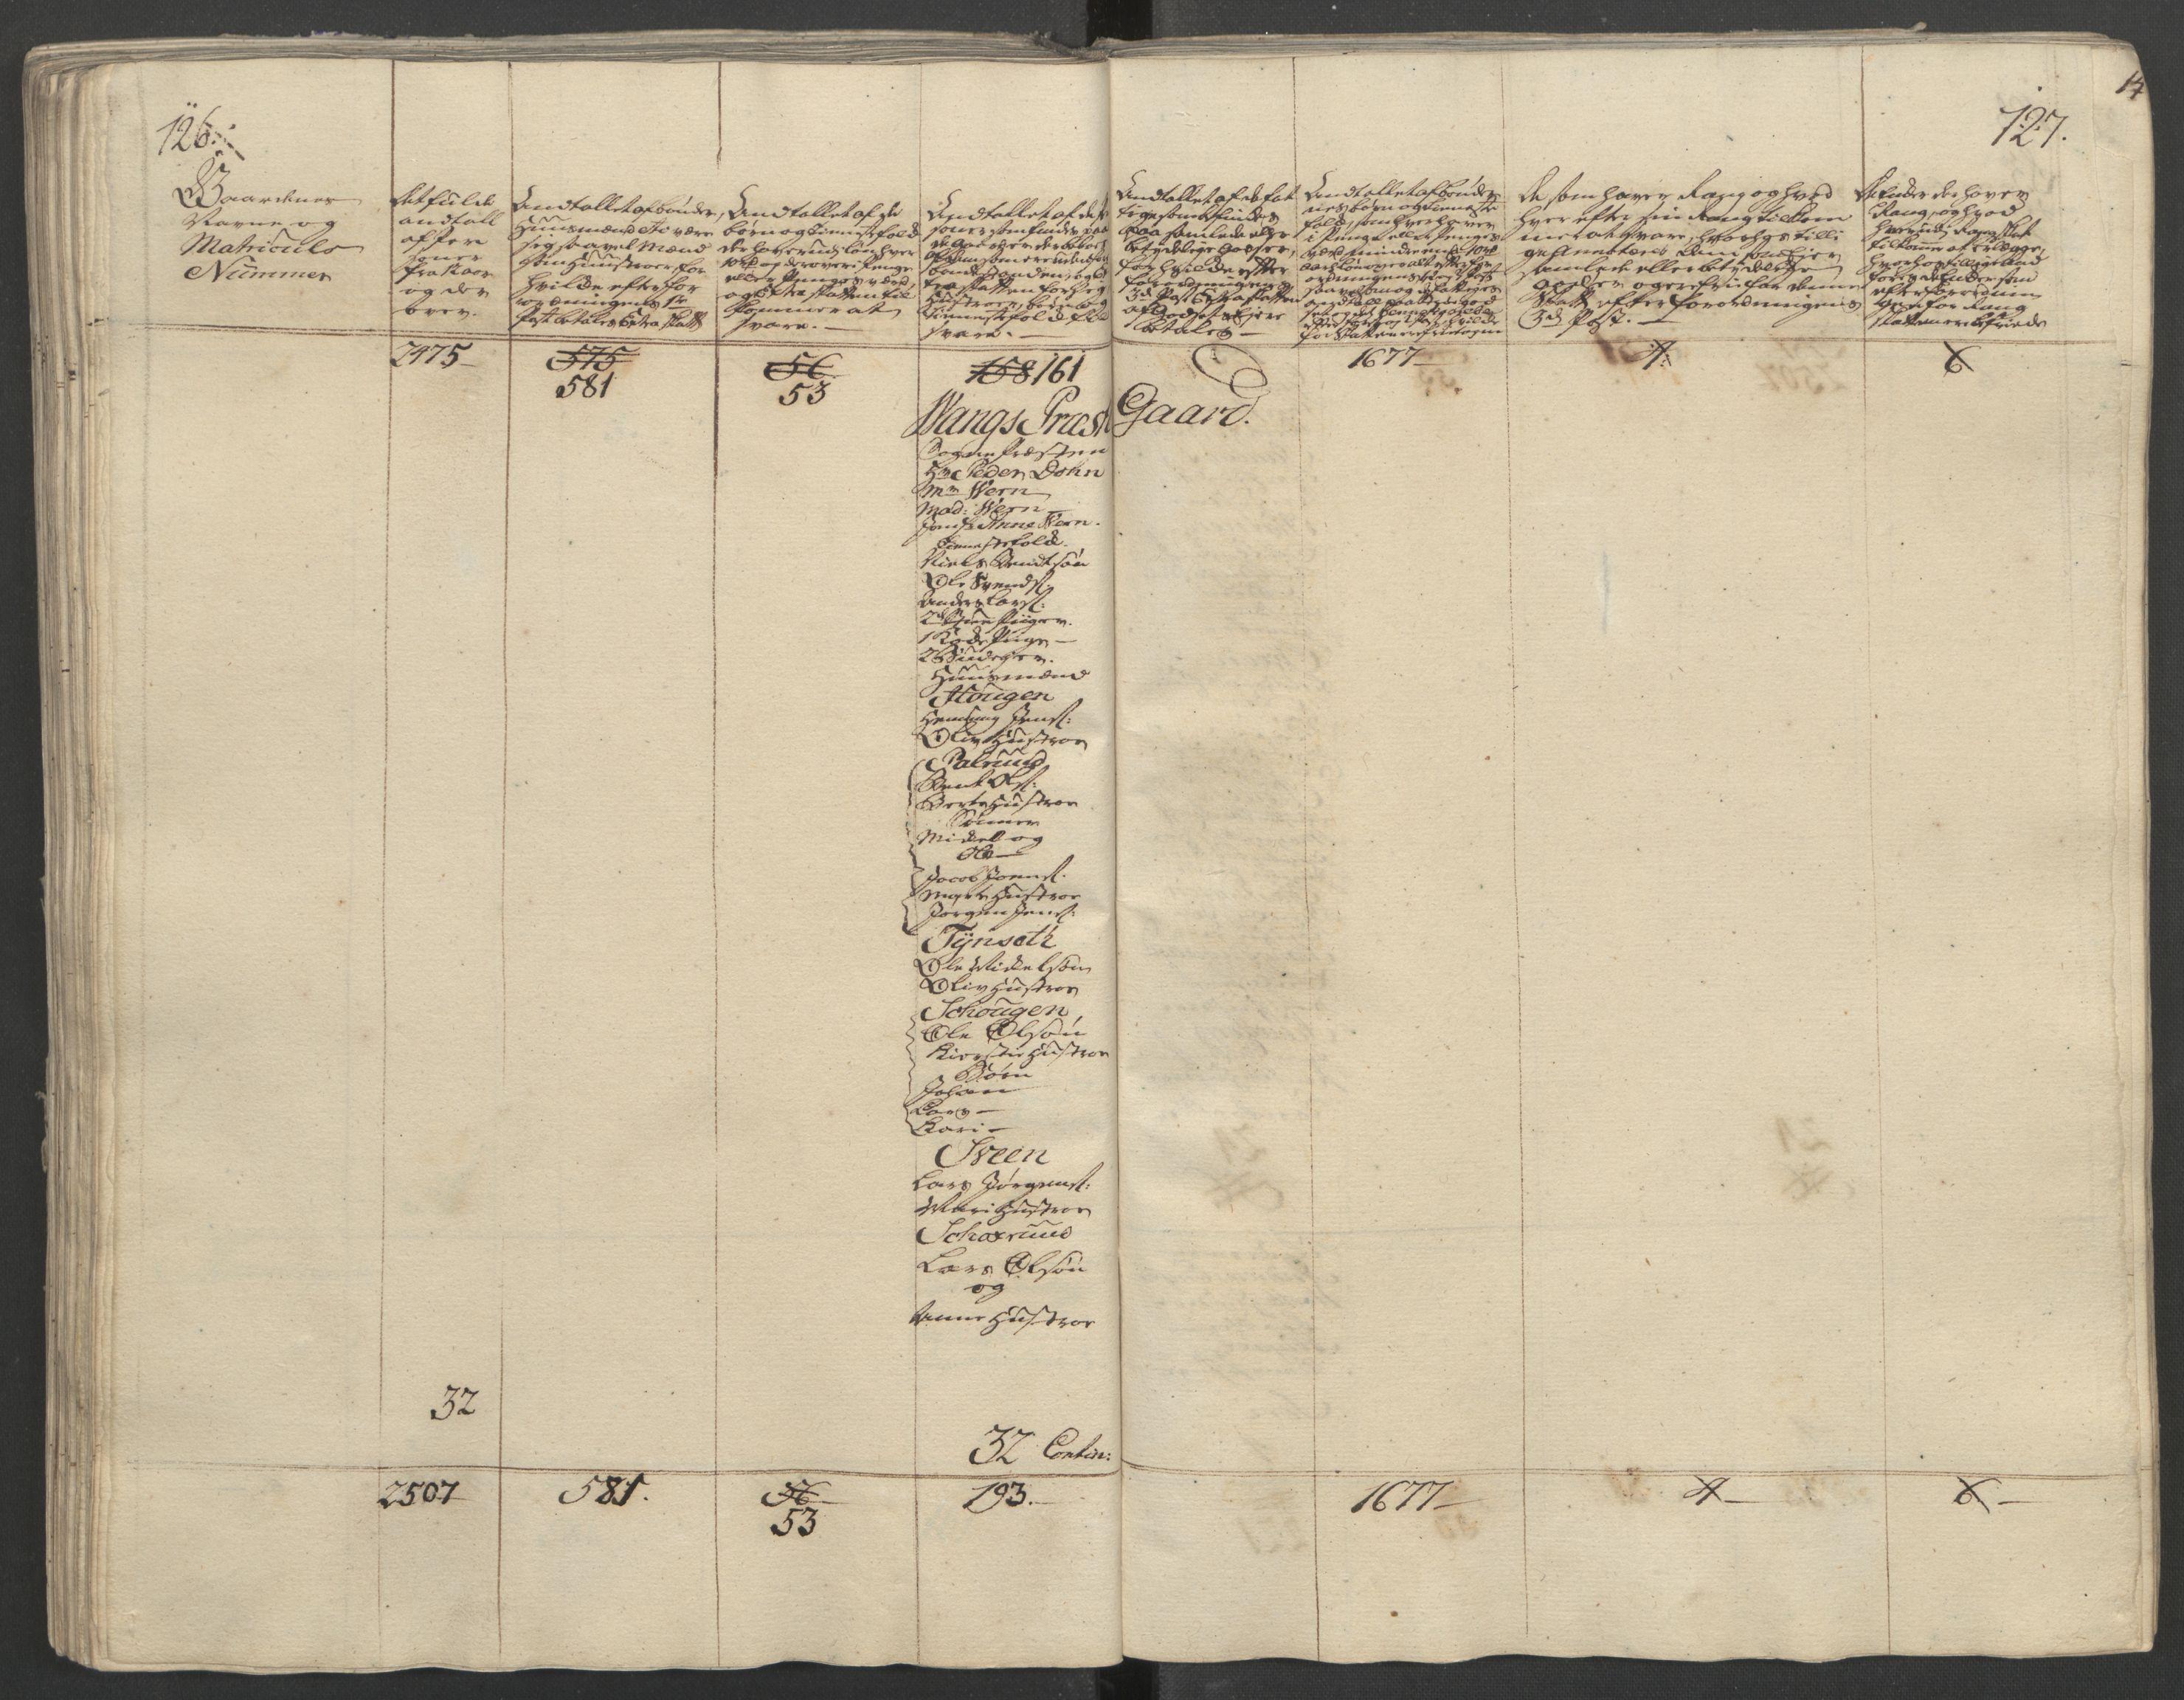 RA, Rentekammeret inntil 1814, Reviderte regnskaper, Fogderegnskap, R16/L1148: Ekstraskatten Hedmark, 1764, s. 180